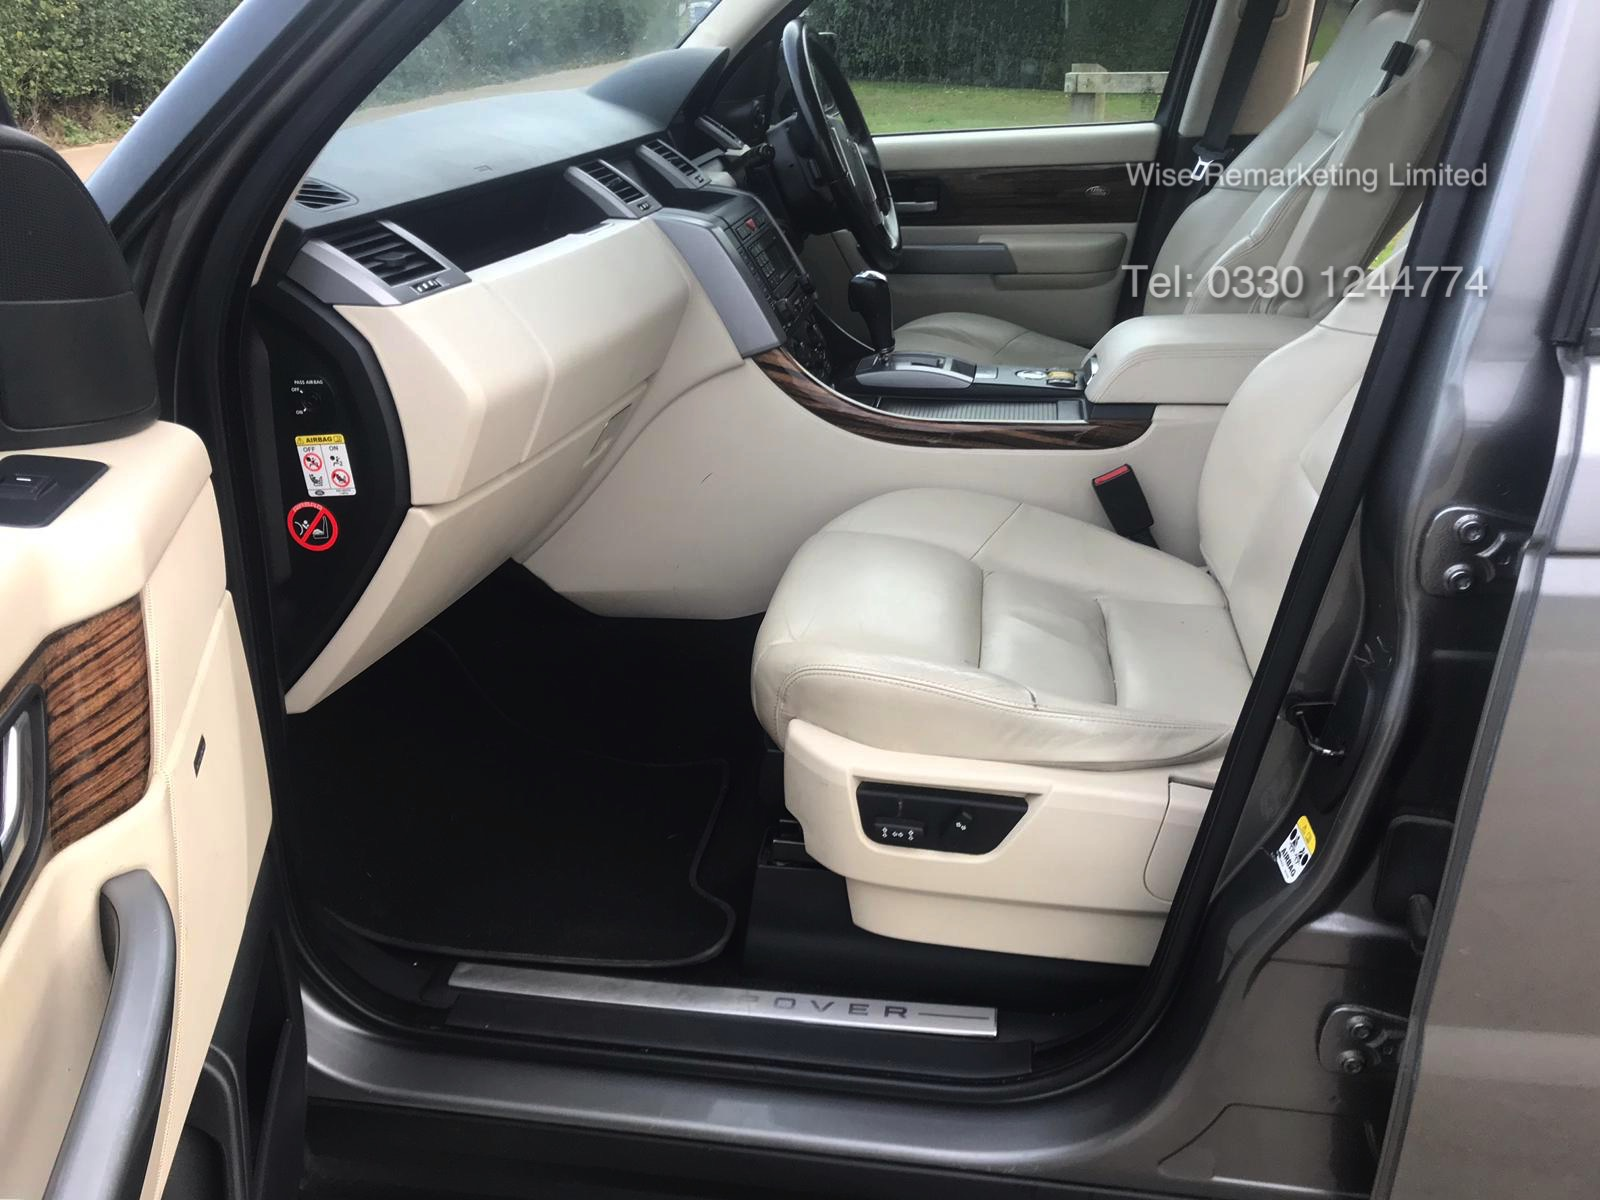 Lot 5 - ***RESERVE MET*** Range Rover Sport 3.6 TD V8 HSE (Big Spec) Auto - 2008 08 Reg - 4x4 (282 BHP)